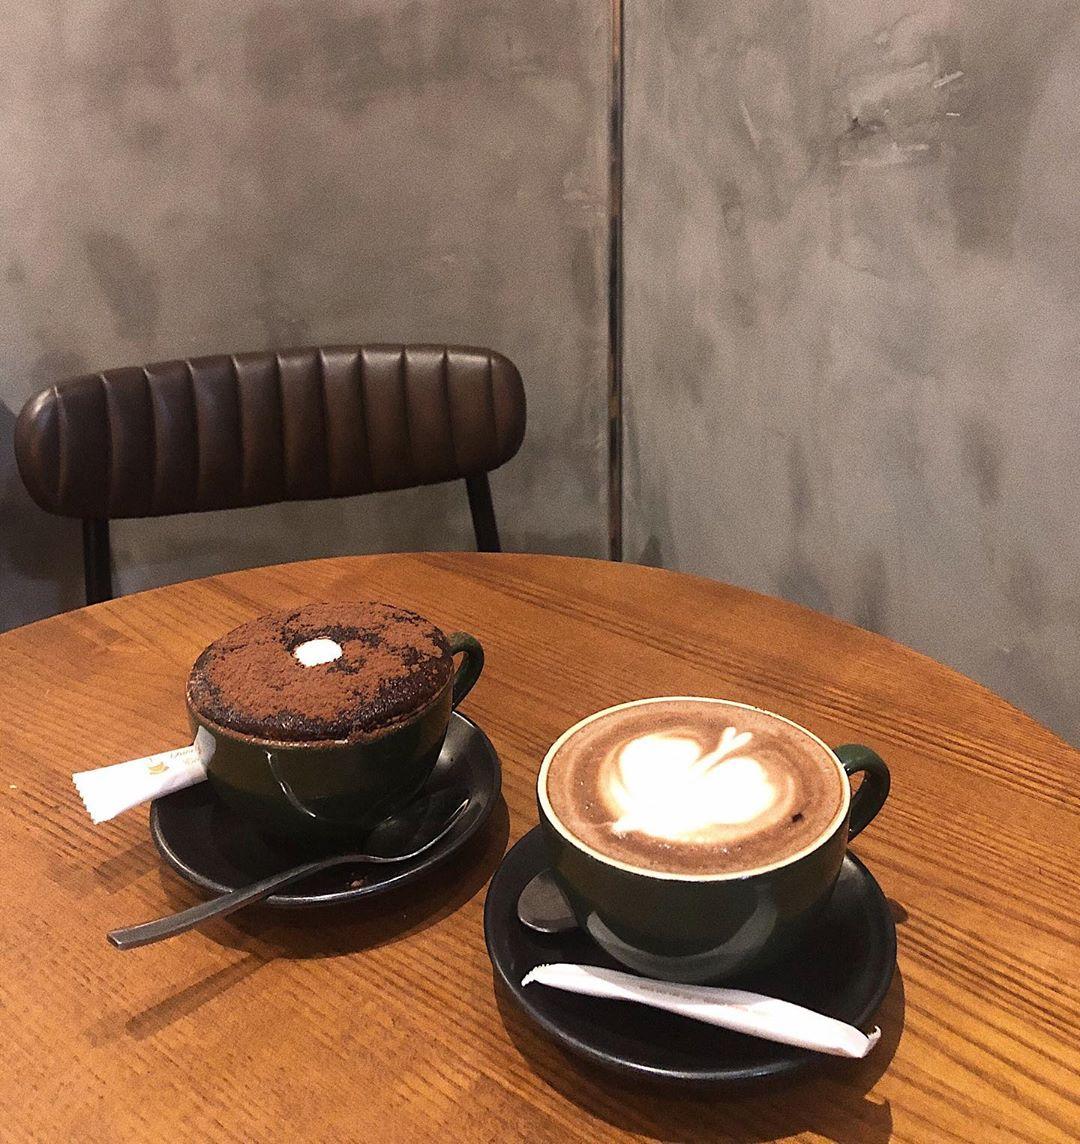 aroi_quan-cafe-mo-qua-dem-o-ha-noi